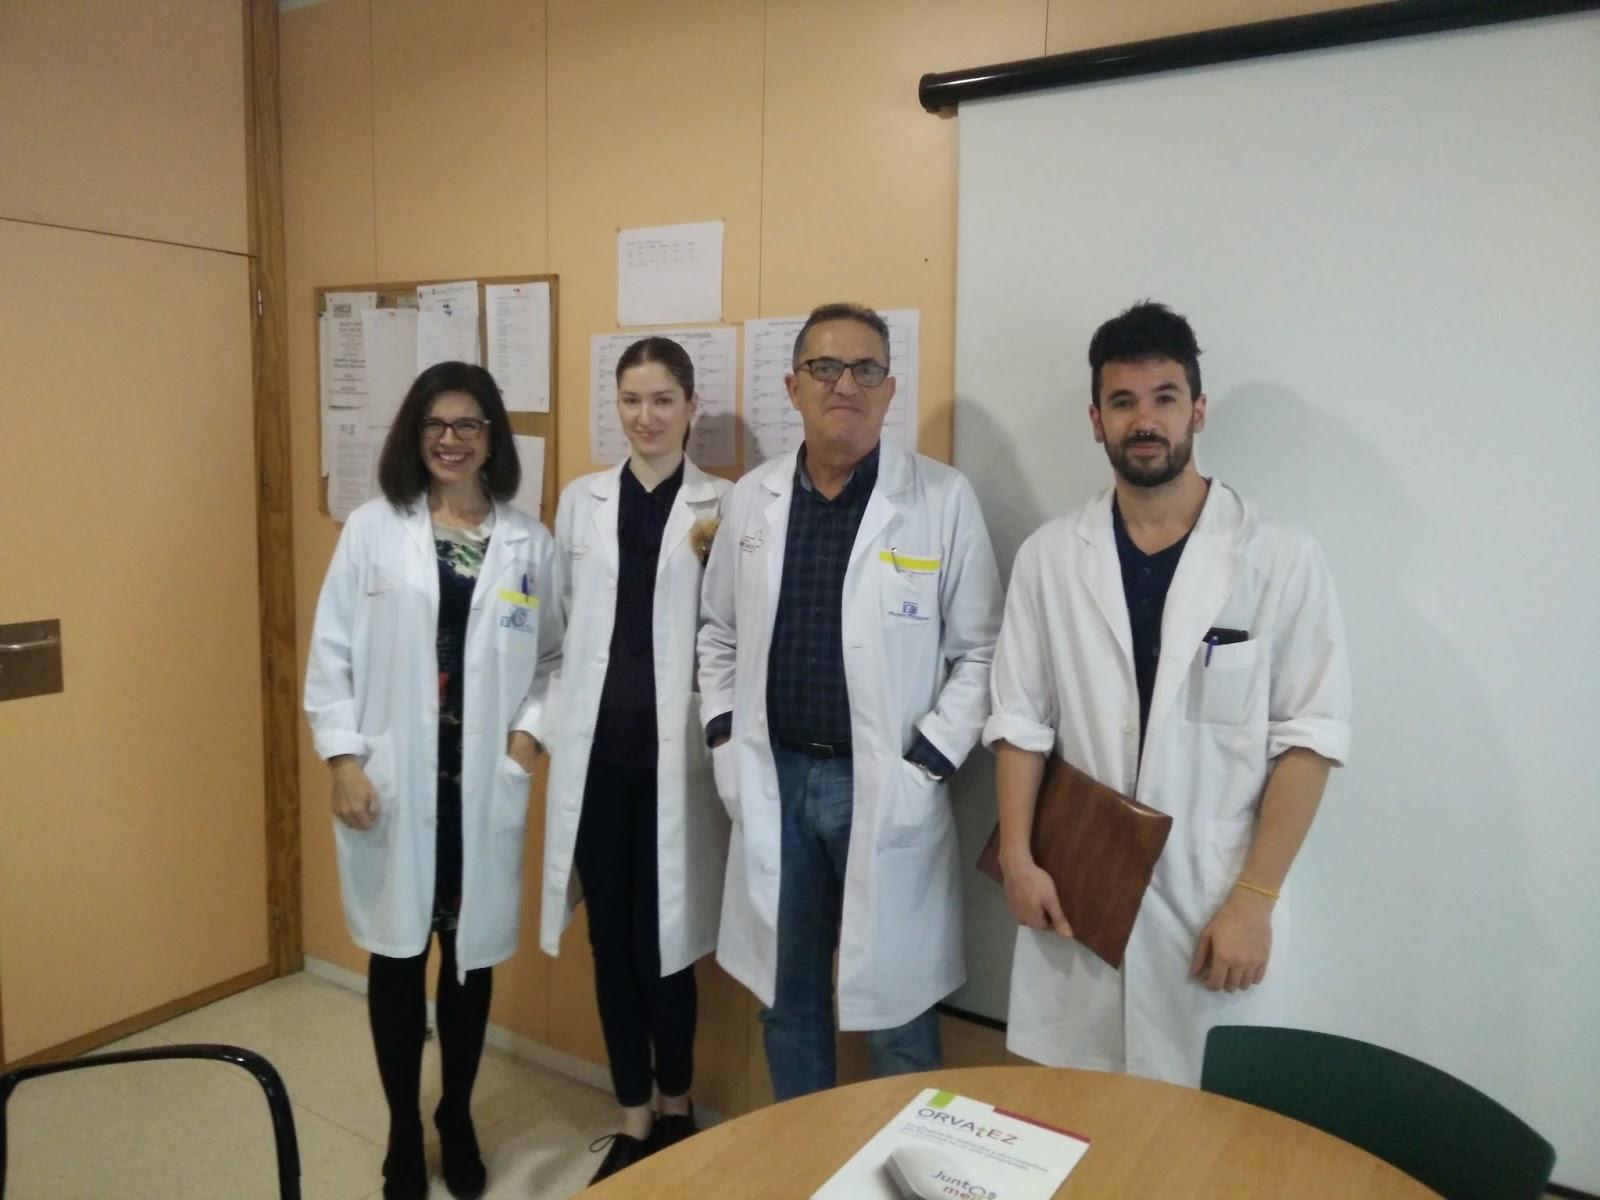 Estudiantes de medicina - Rotatorio de familia - 2er grupo